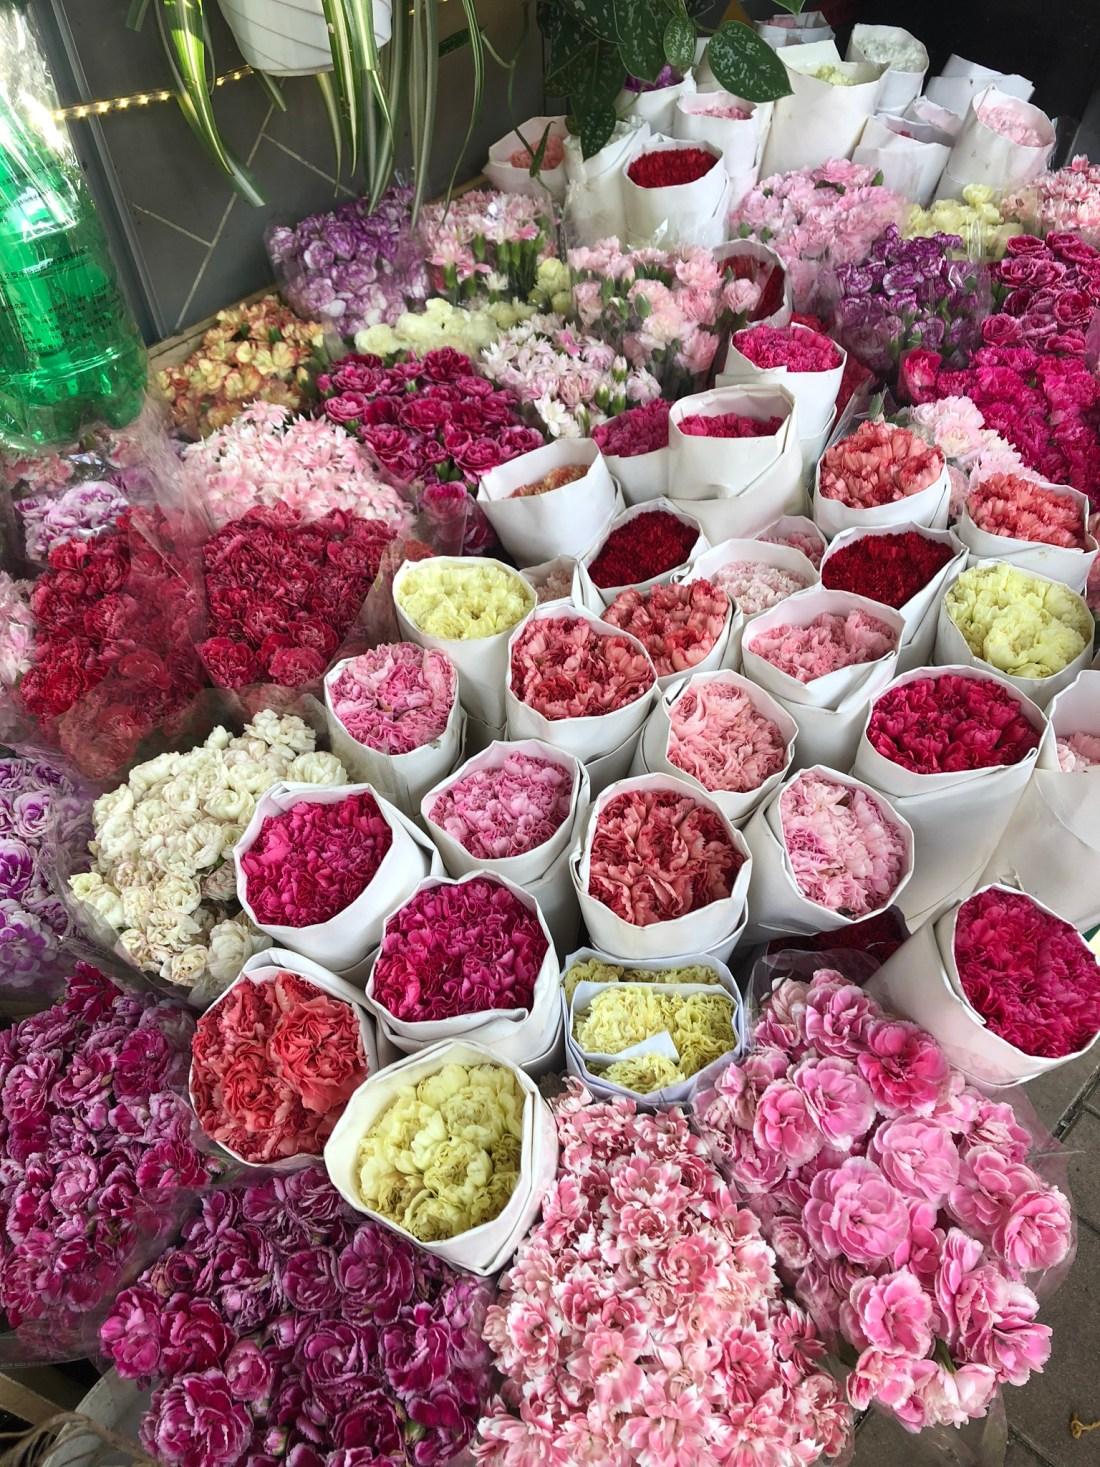 Bouquets at Mong Kok Flower Market, Hong Kong